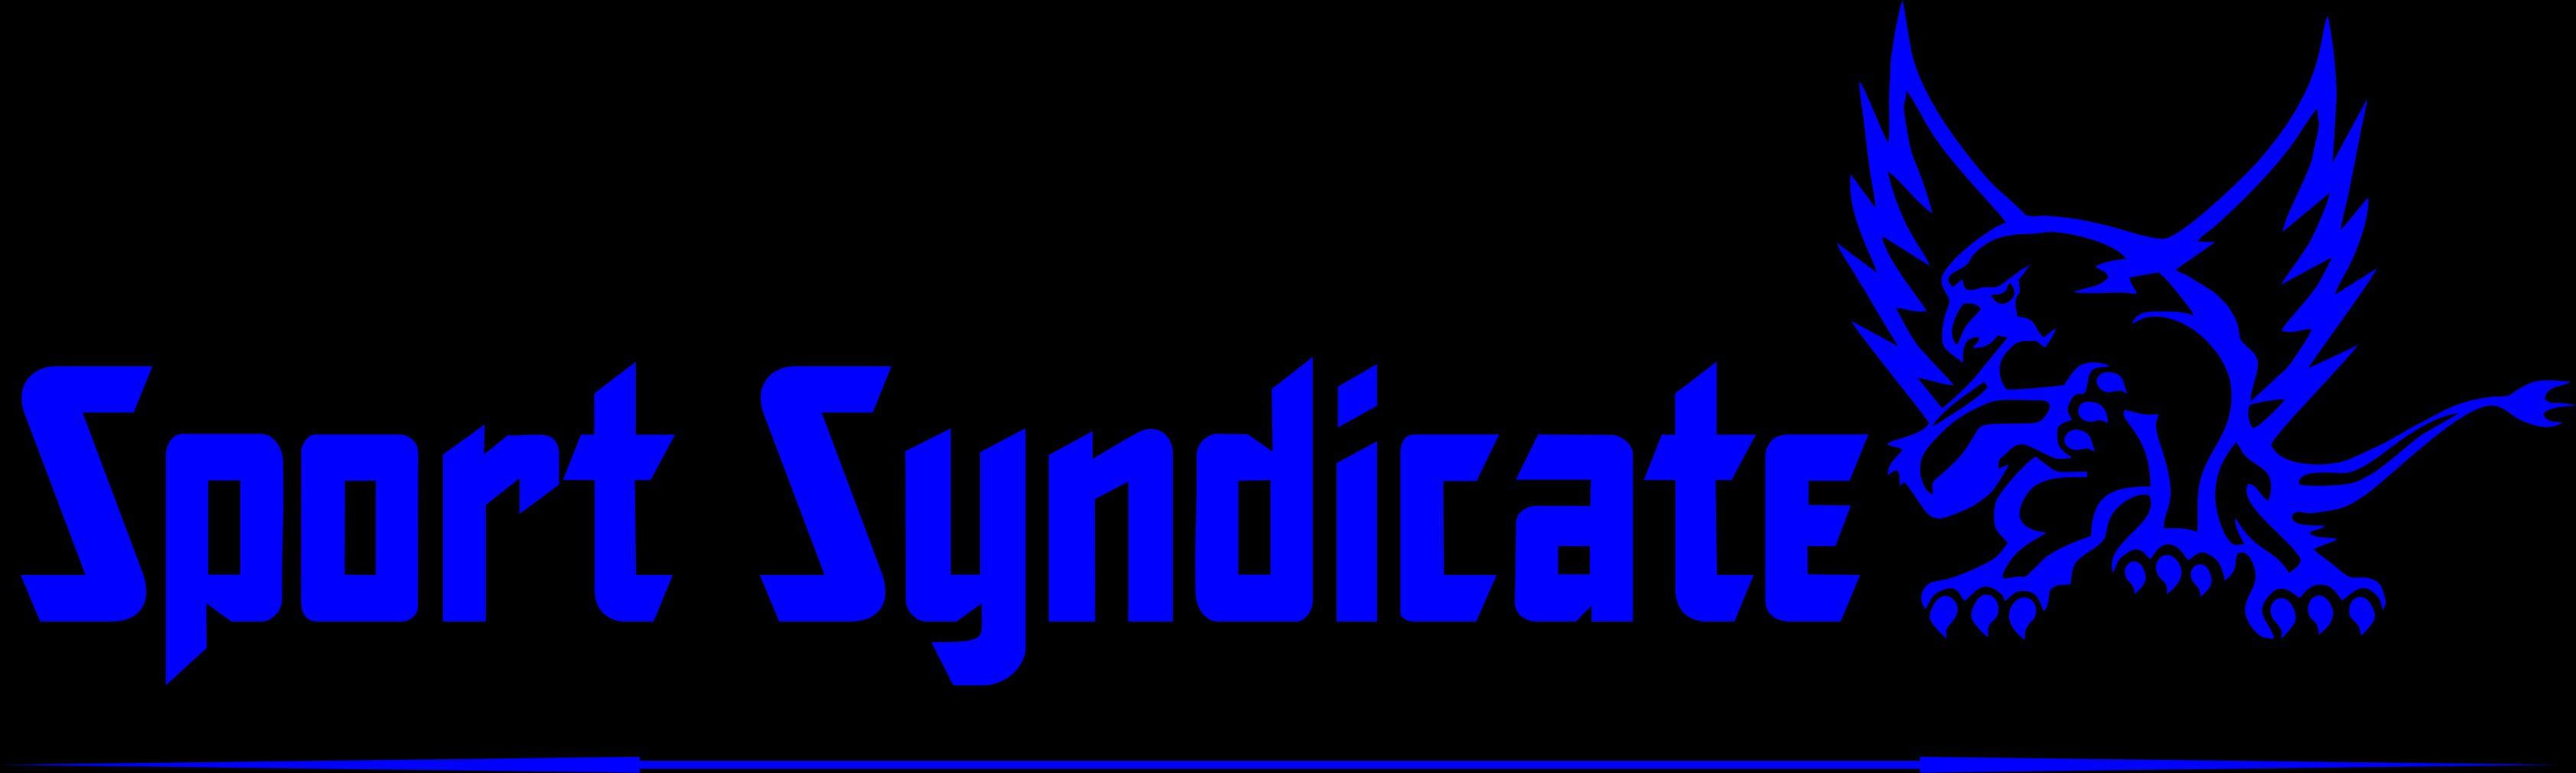 Создать логотип для сети магазинов спортивного питания фото f_66659697ccec63bf.jpg